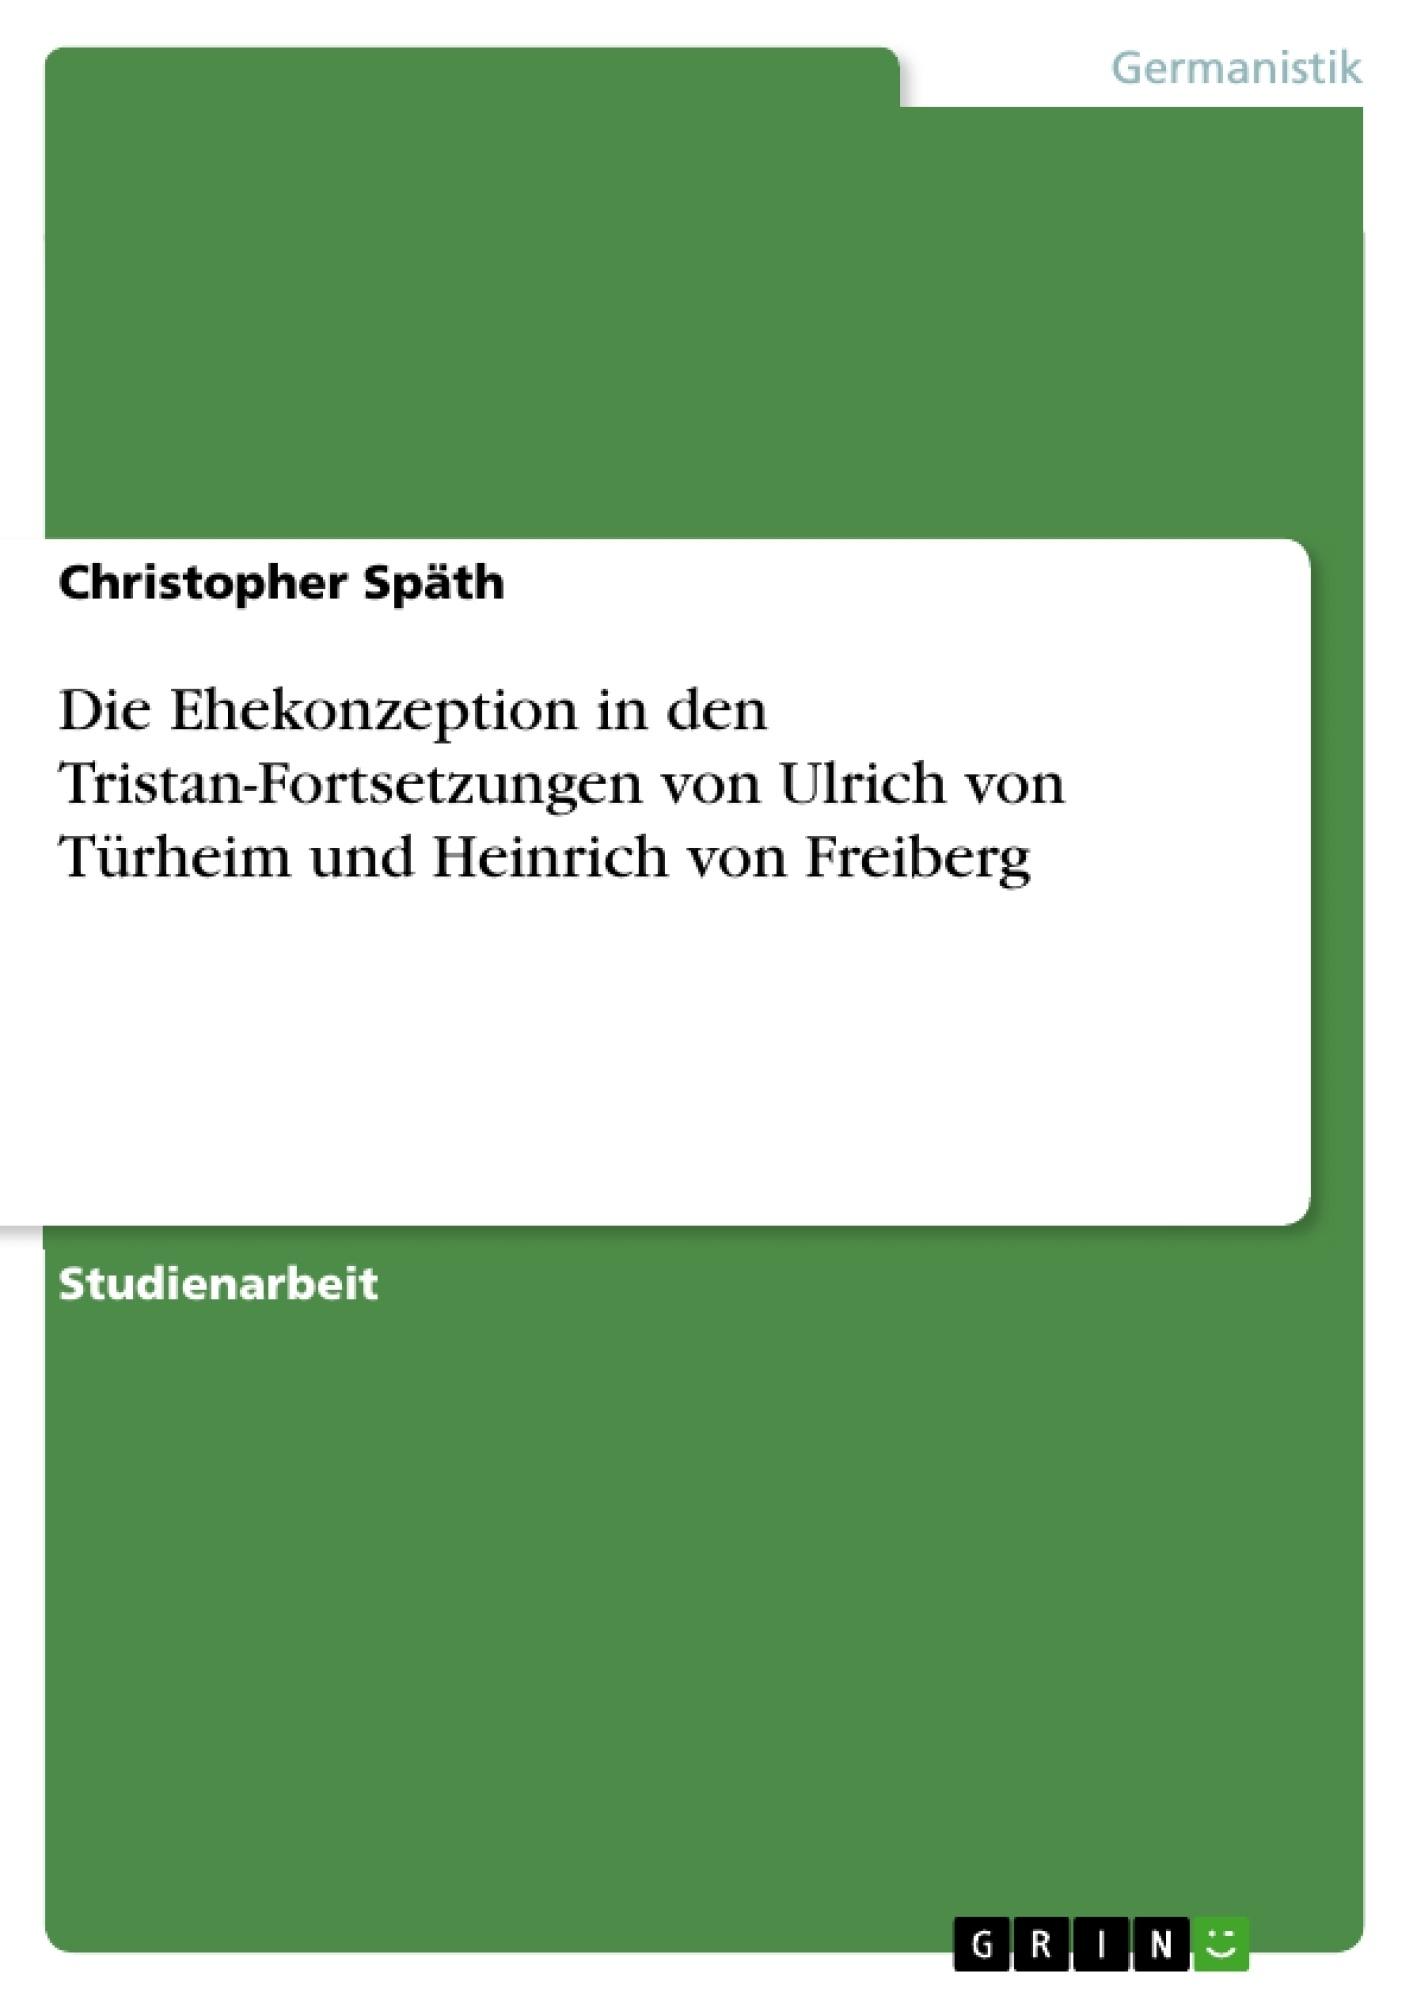 Titel: Die Ehekonzeption in den Tristan-Fortsetzungen von Ulrich von Türheim und Heinrich von Freiberg